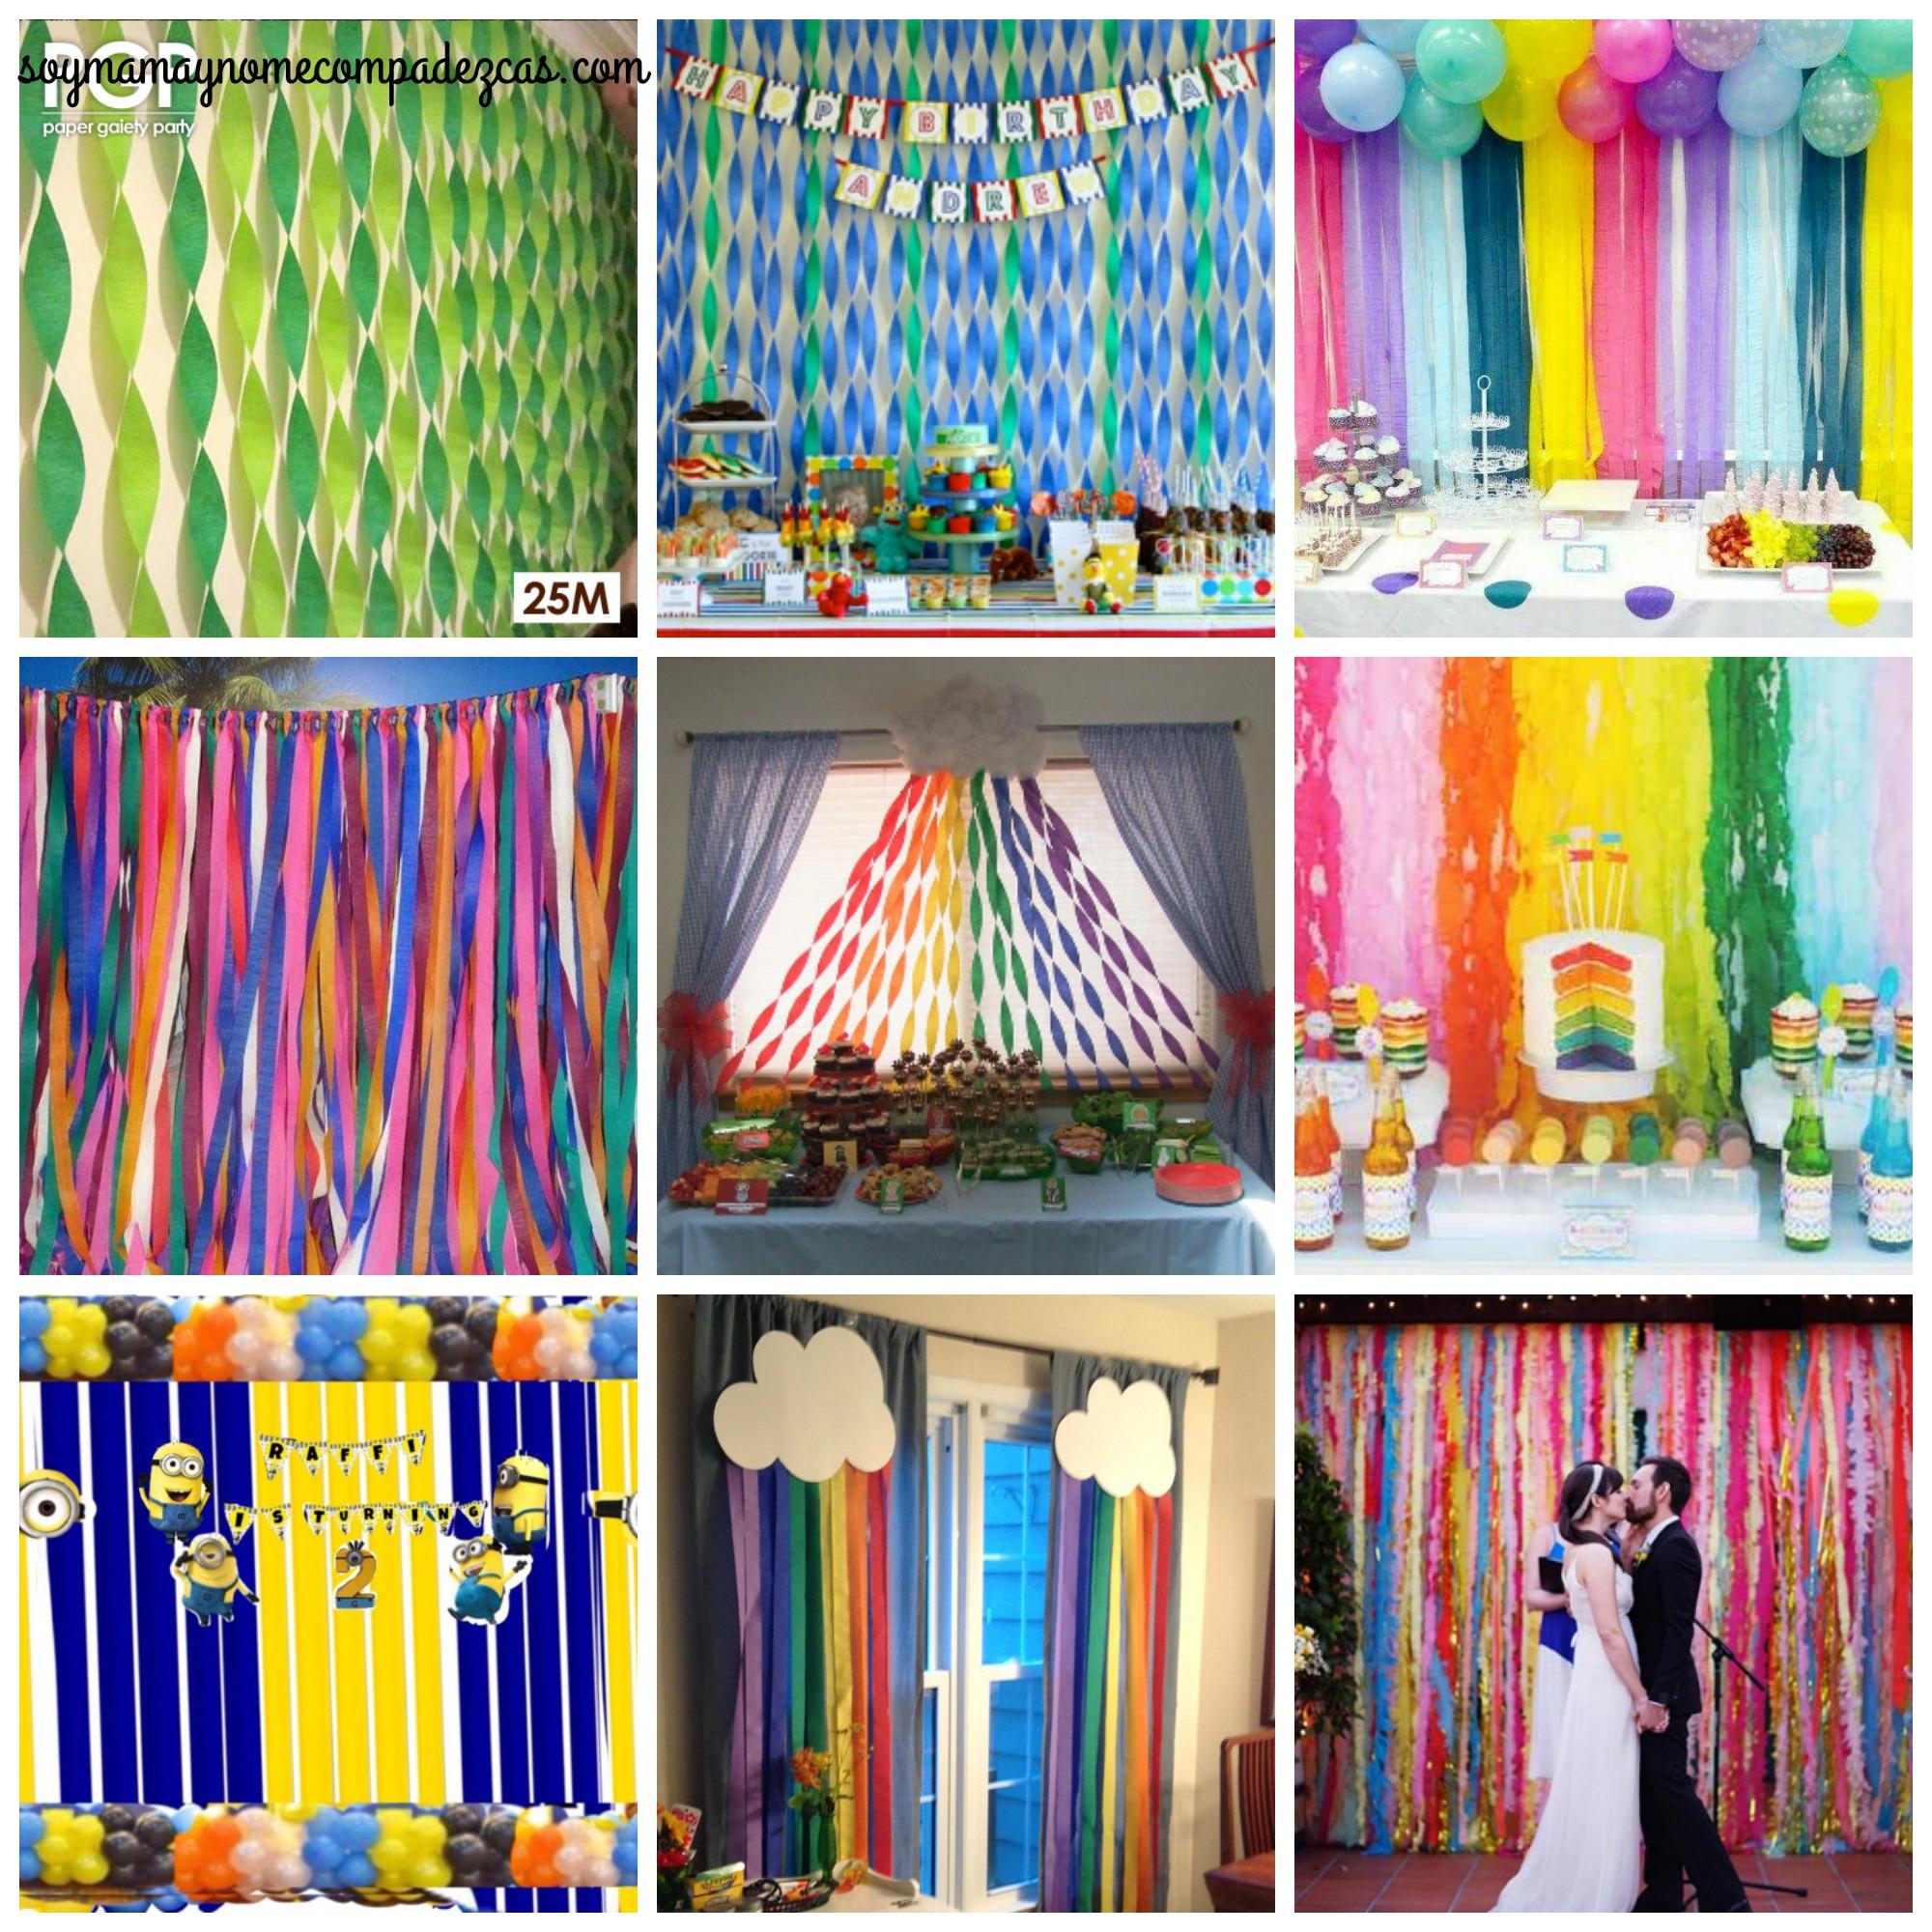 DIY cortina para fiestas  Soy Mam Y No Me Compadezcas